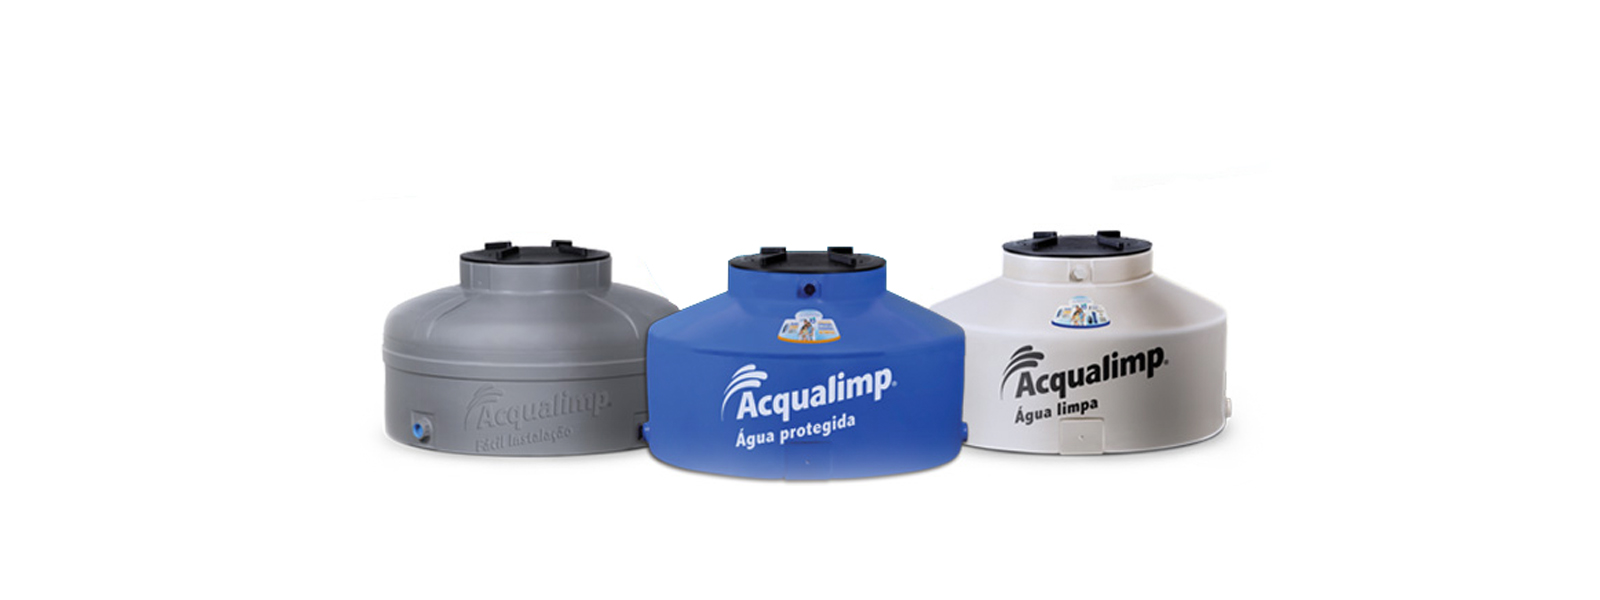 aqualimpp